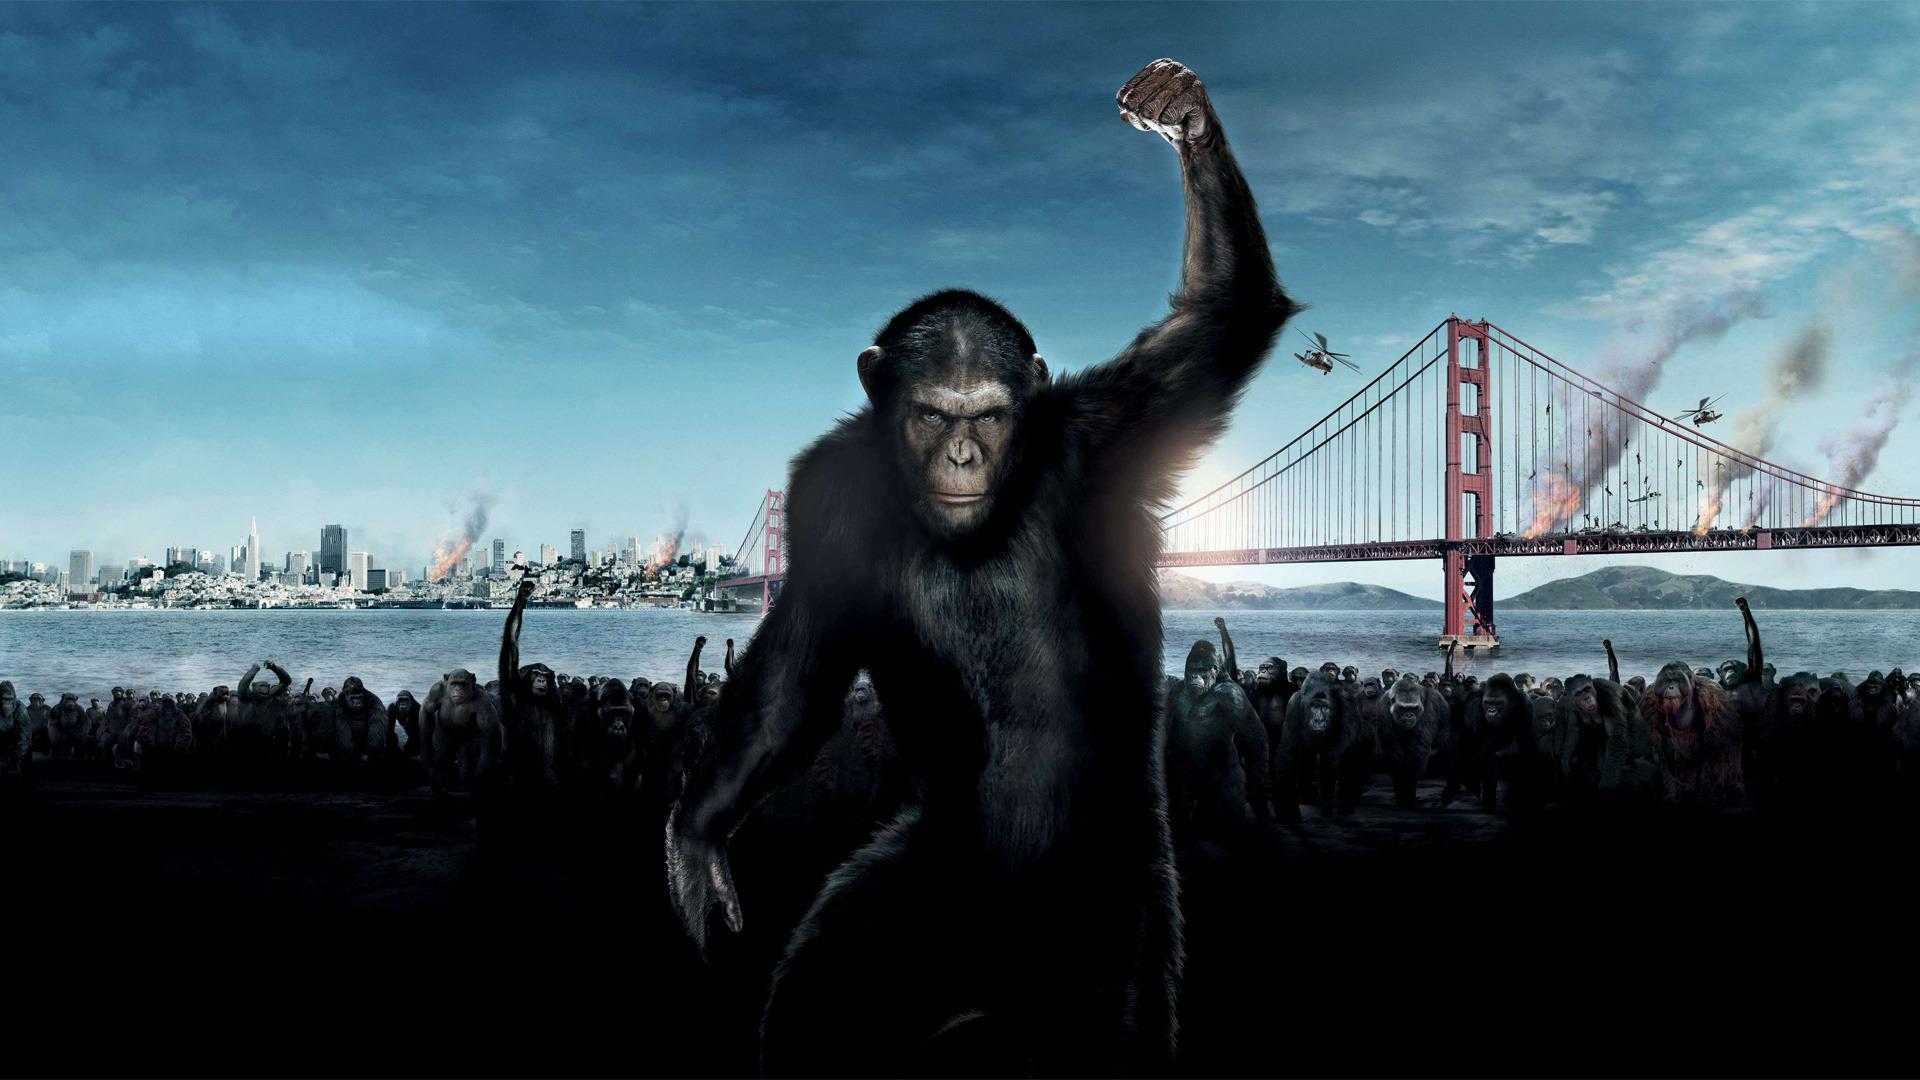 50 planet of the apes wallpaper on wallpapersafari - Caesar hd wallpaper ...